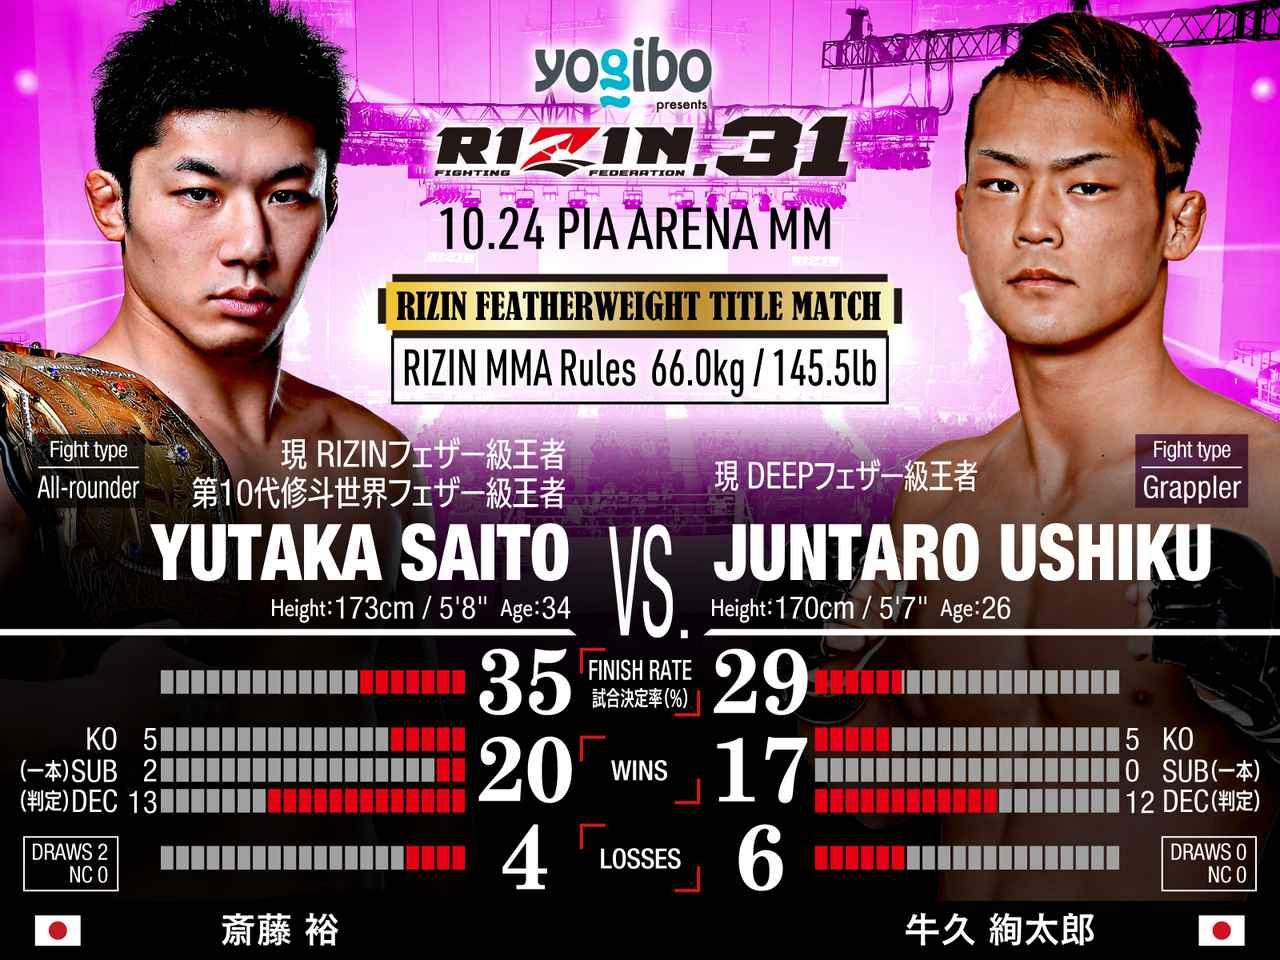 画像: 第11試合/フェザー級タイトルマッチ 斎藤裕 vs. 牛久絢太郎